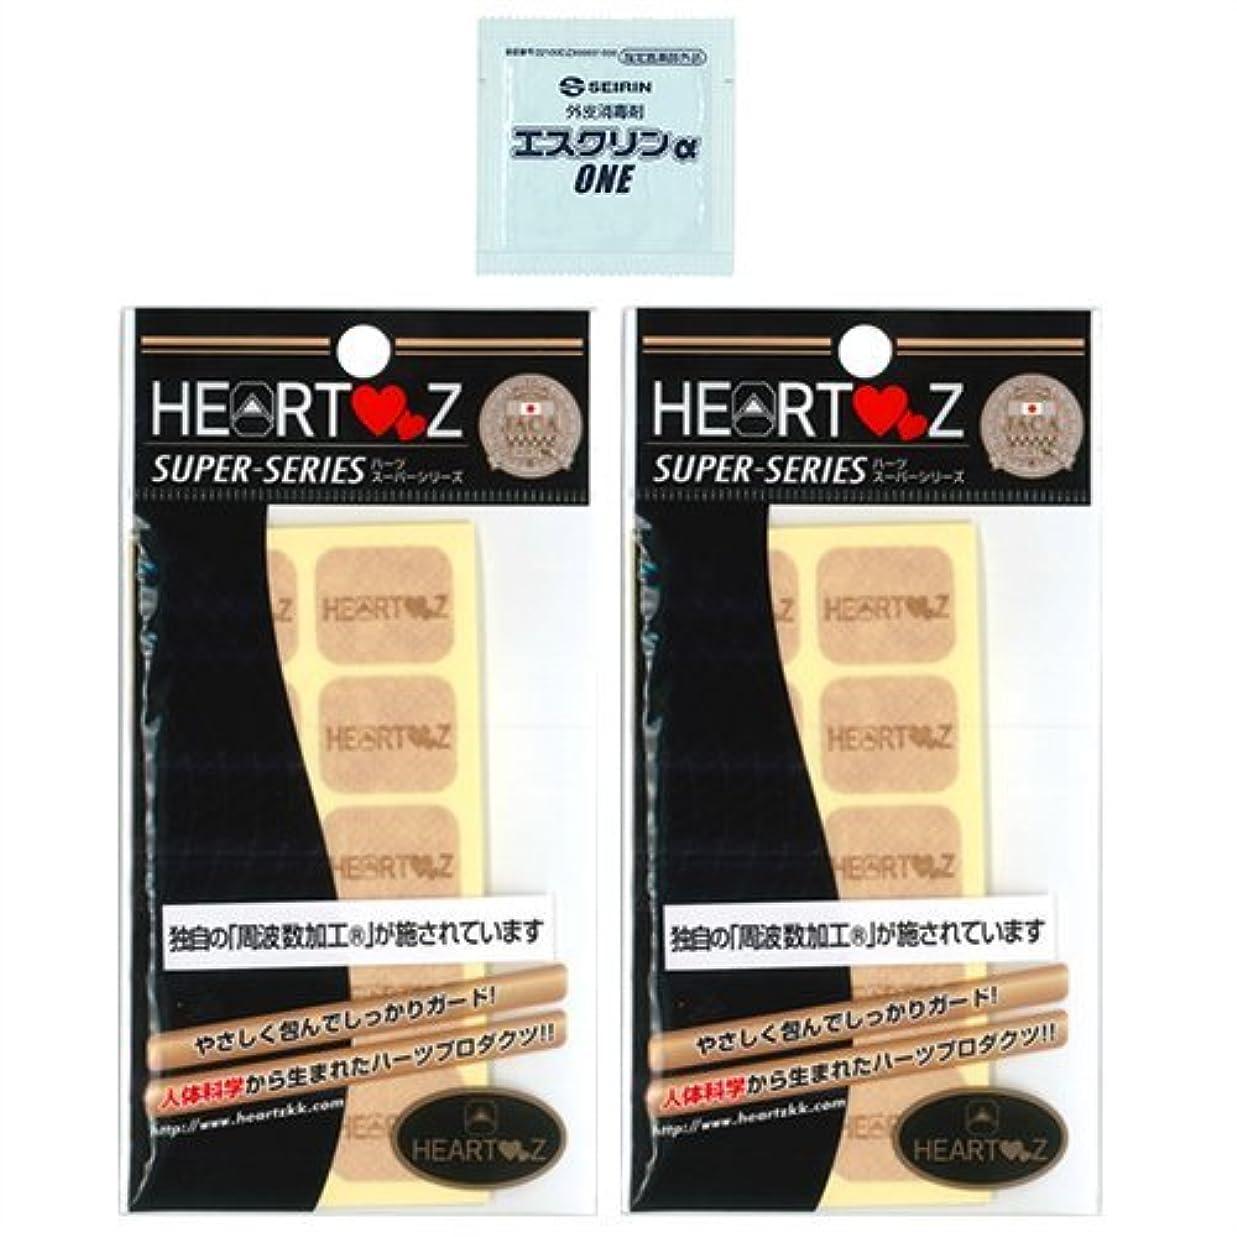 強調するもう一度戦略【HEARTZ(ハーツ)】ハーツスーパーシール レギュラータイプ 80枚入×2個セット (計160枚) + エスクリンαONEx1個 セット